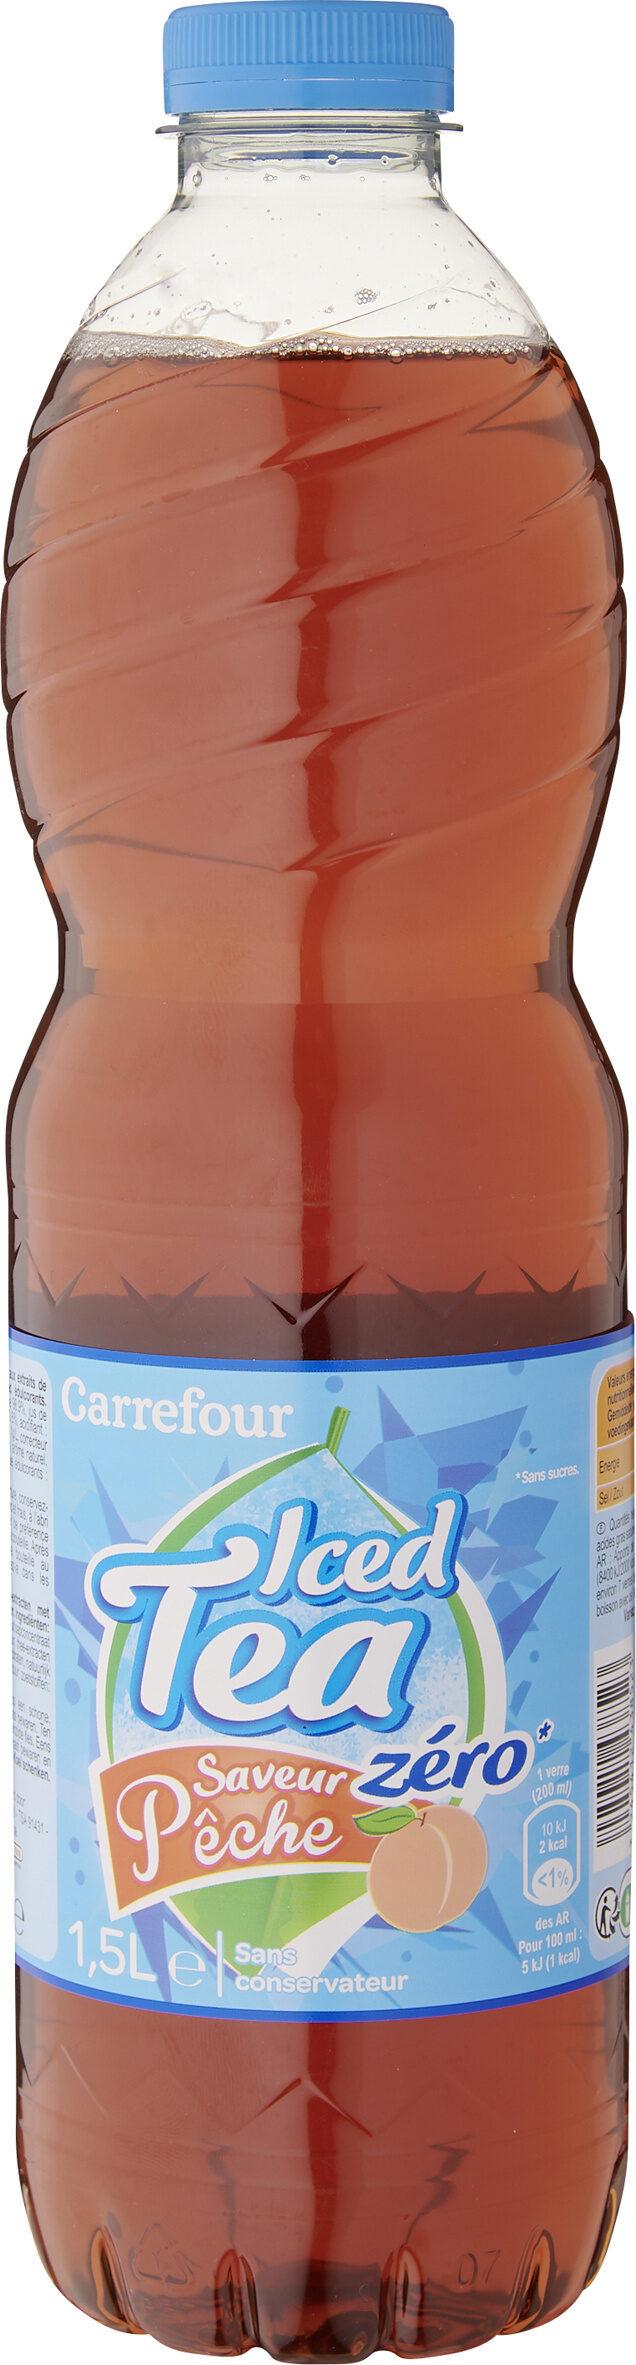 Iced Tea zéro saveur pêche - Product - fr